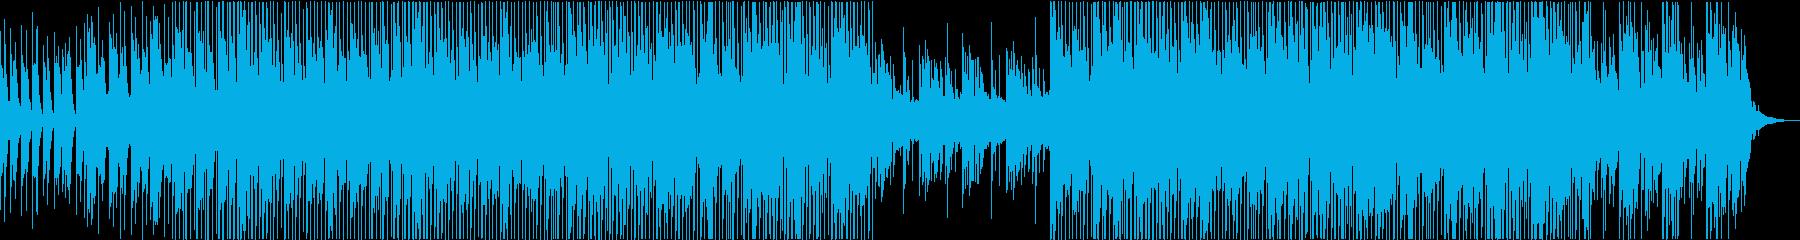 アンビエントなテクノポップの再生済みの波形